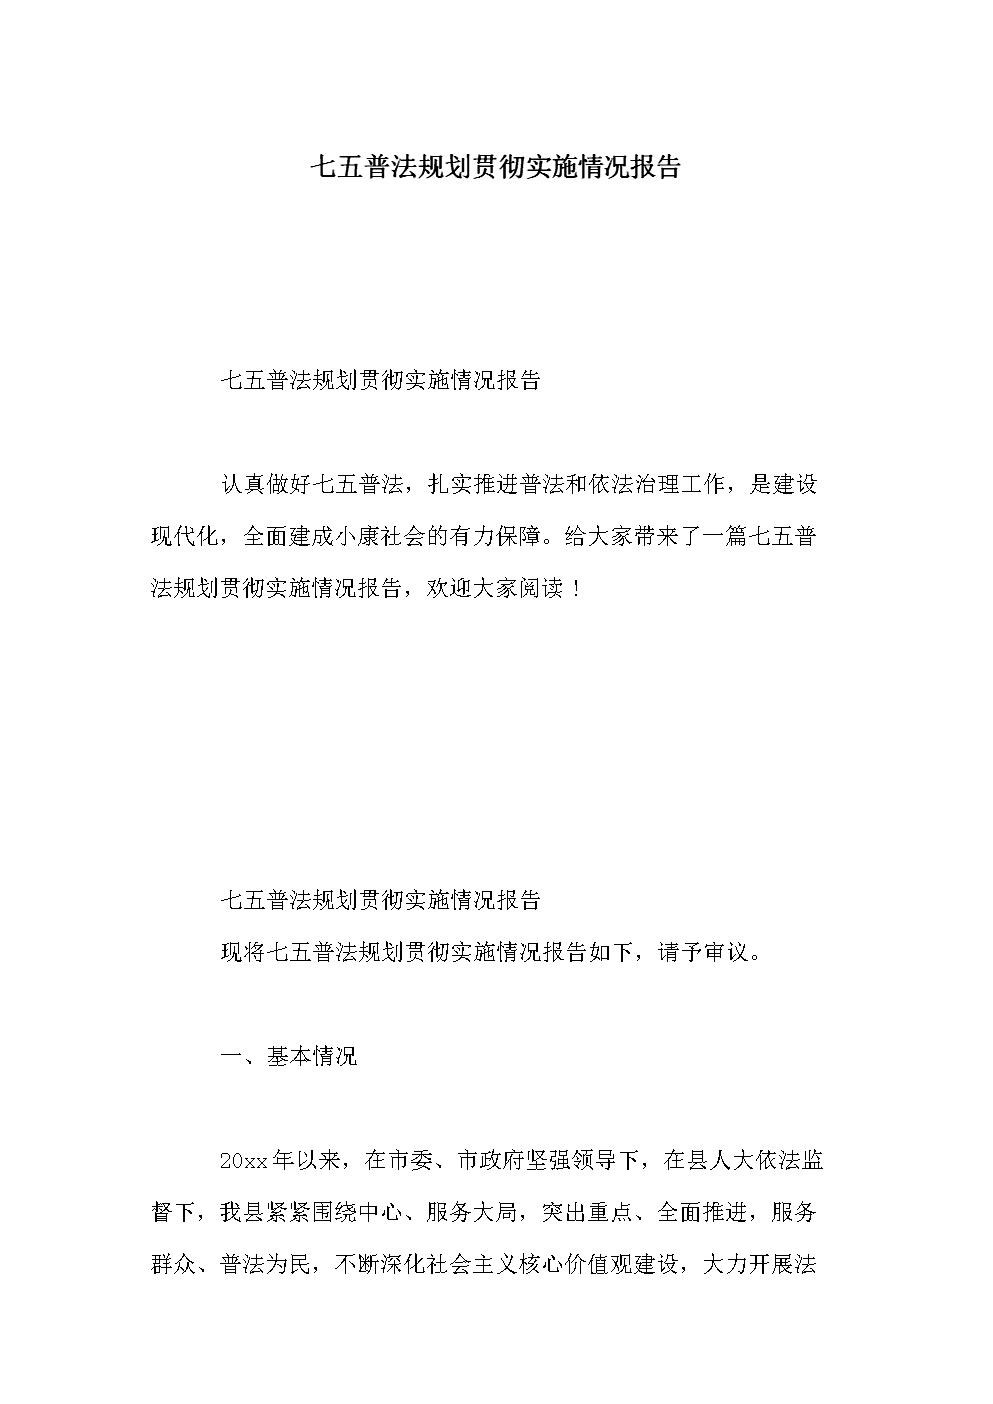 七五普法规划贯彻实施情况报告.doc